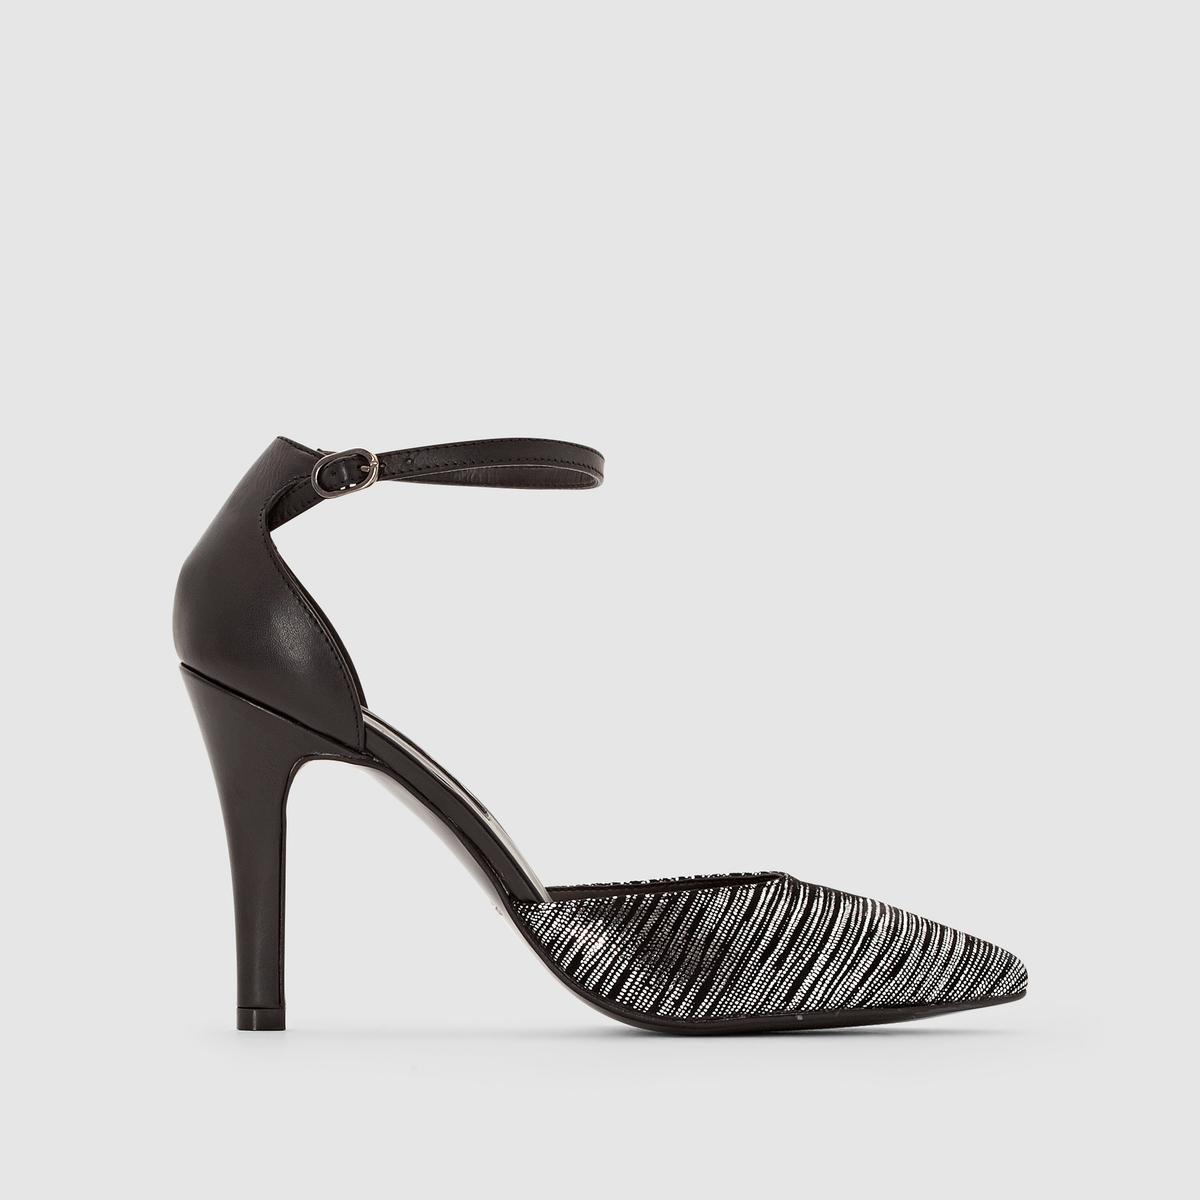 Туфли на высоком каблуке с ремешком на щиколоткеТуфли на высоком каблуке с ремешком на щиколотке, Tamaris. Верх : козья кожаПодкладка : синтетика.Стелька : синтетика.Подошва : синтетика.Застежка : ремешок на щиколоткеВысота каблука: 10 см Красивая кожа, оптимальная высота каблука, очень женственная модель с ремешком на щиколотке: в этих туфлях вы будете на высшем уровне!<br><br>Цвет: черный/ серебристый<br>Размер: 40